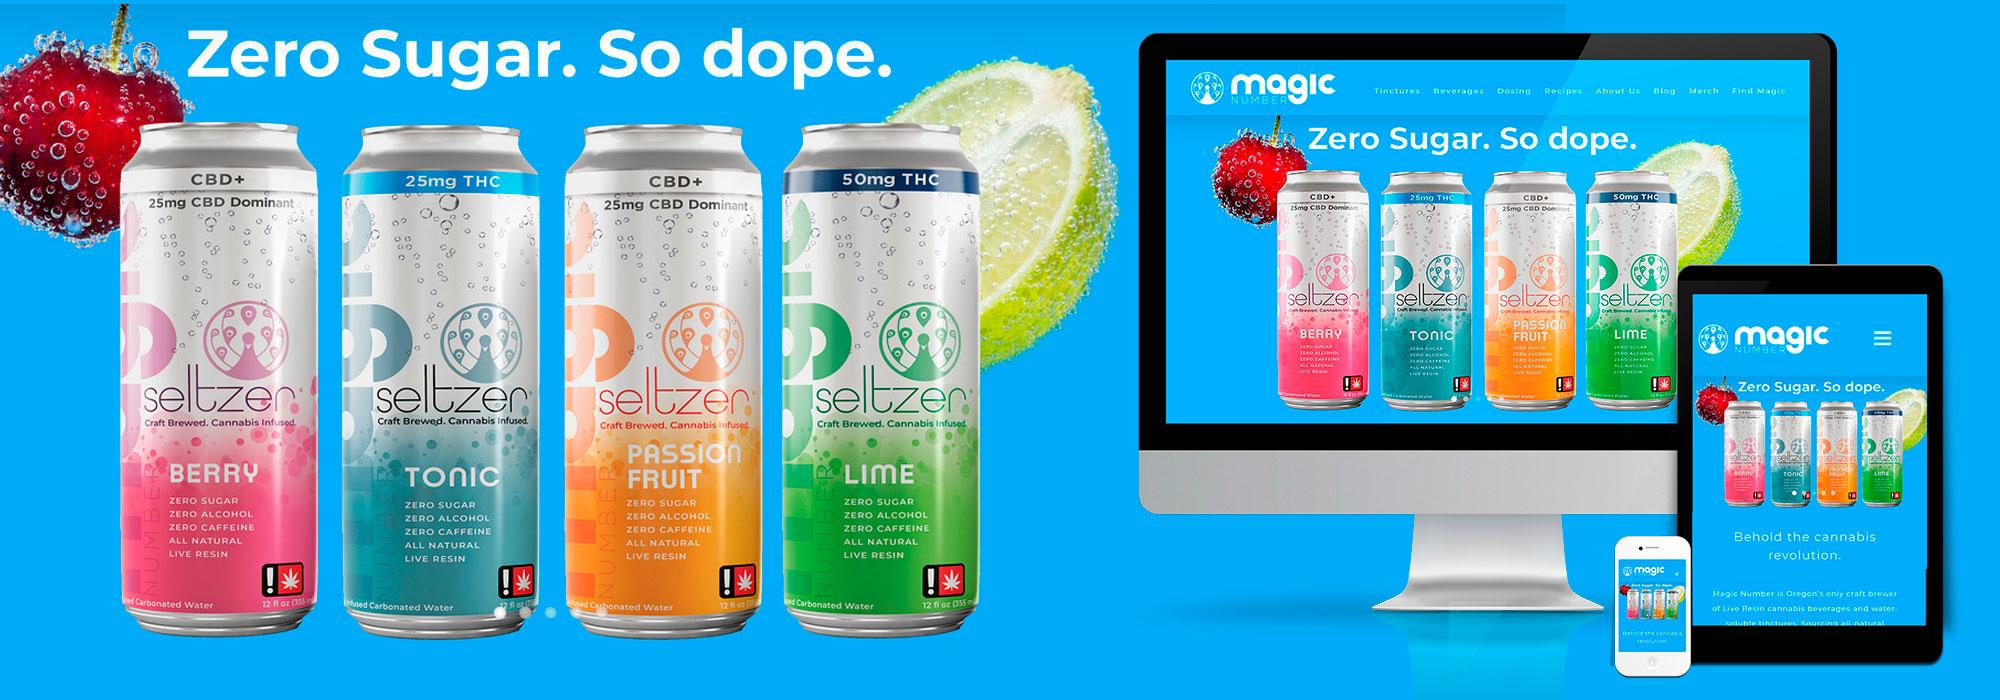 Magic Number website design